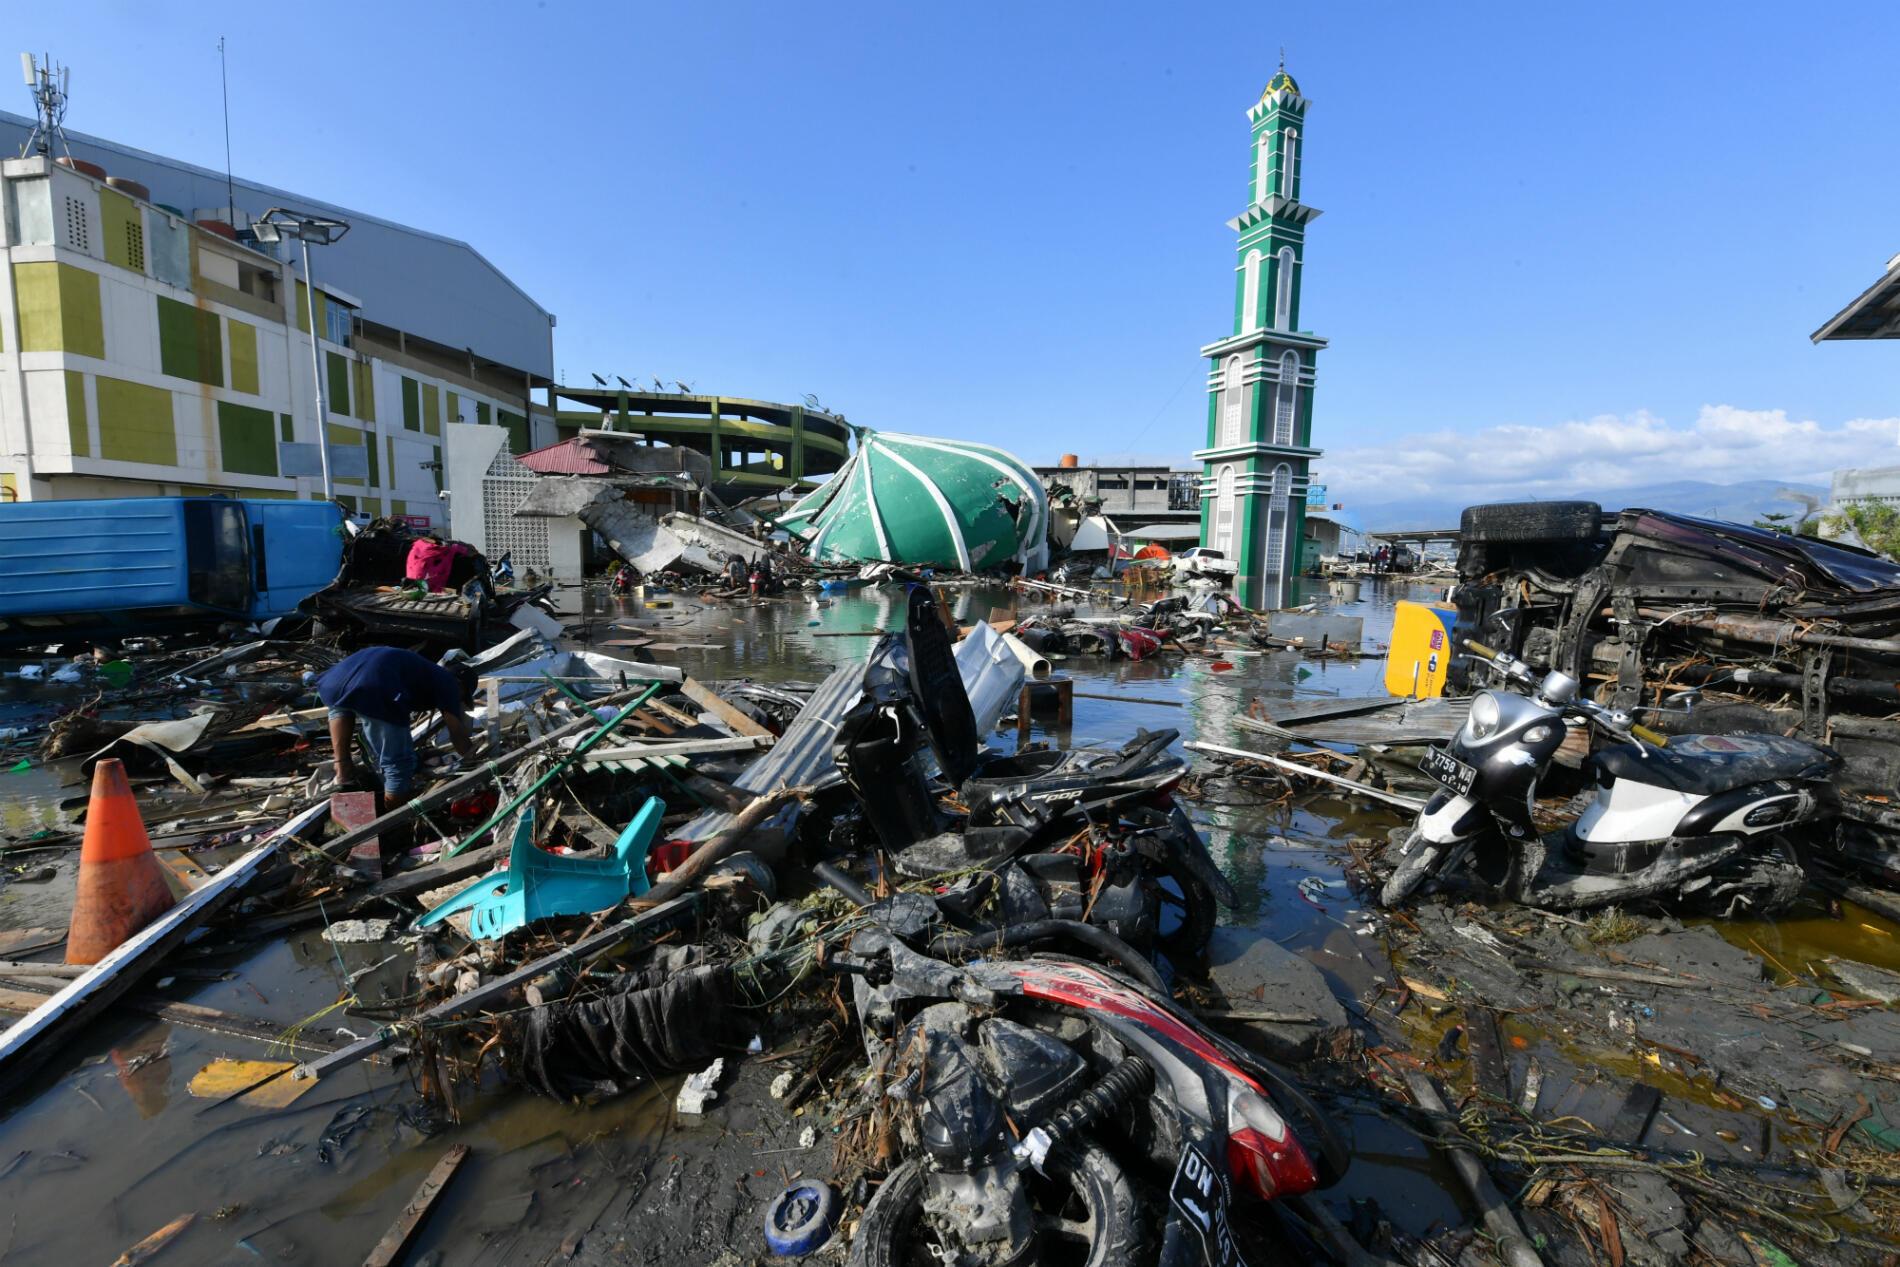 La première secousse sismique a frappé l'île des Célèbes alors que la prière du vendredi soir allait démarrer en Indonésie, le plus grand pays musulman du monde.